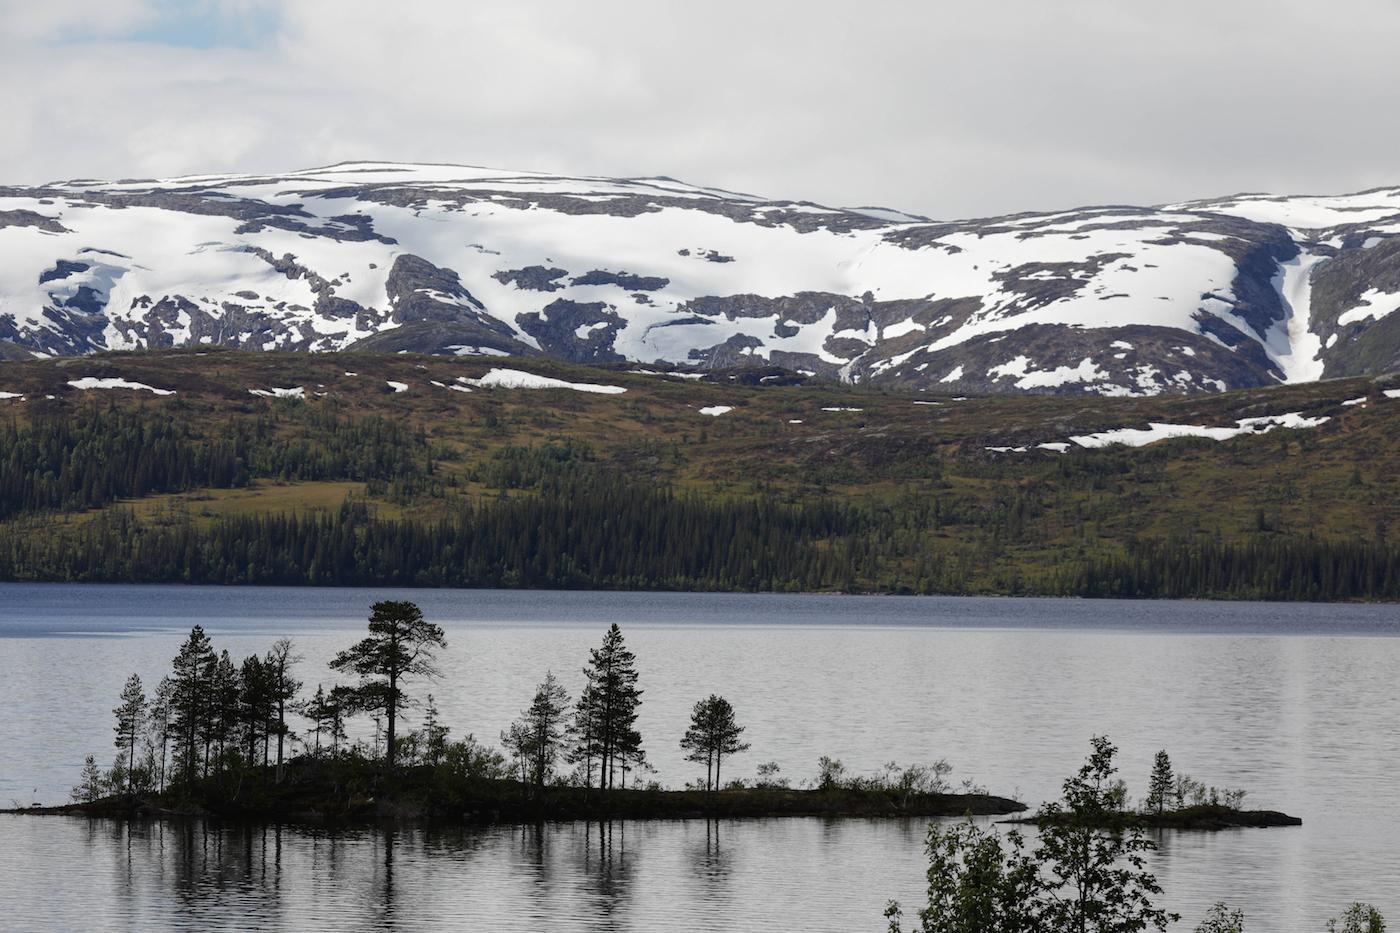 Le détour par les pistes permet d'admirer de beaux petits lacs.